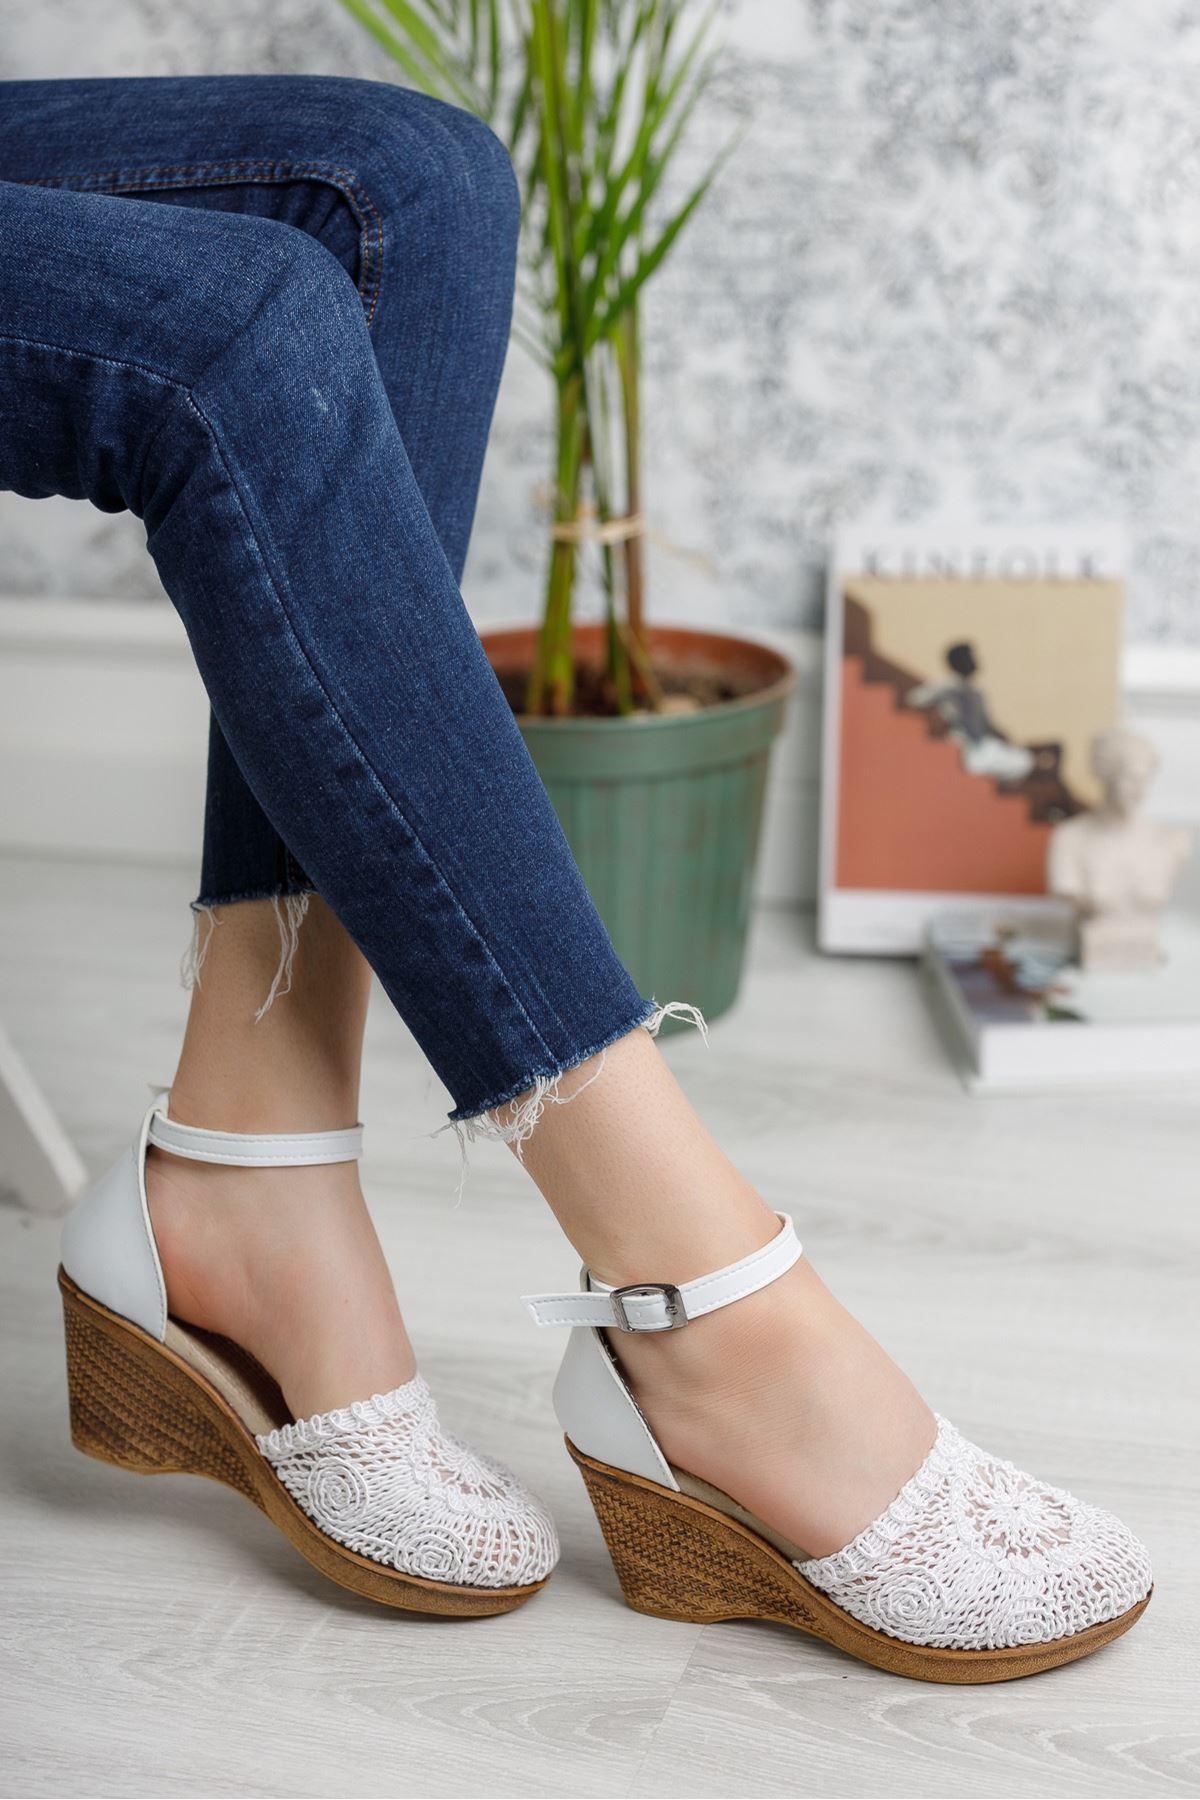 Dolgu Taban Örgülü Beyaz Karnıyarık Ayakkabı